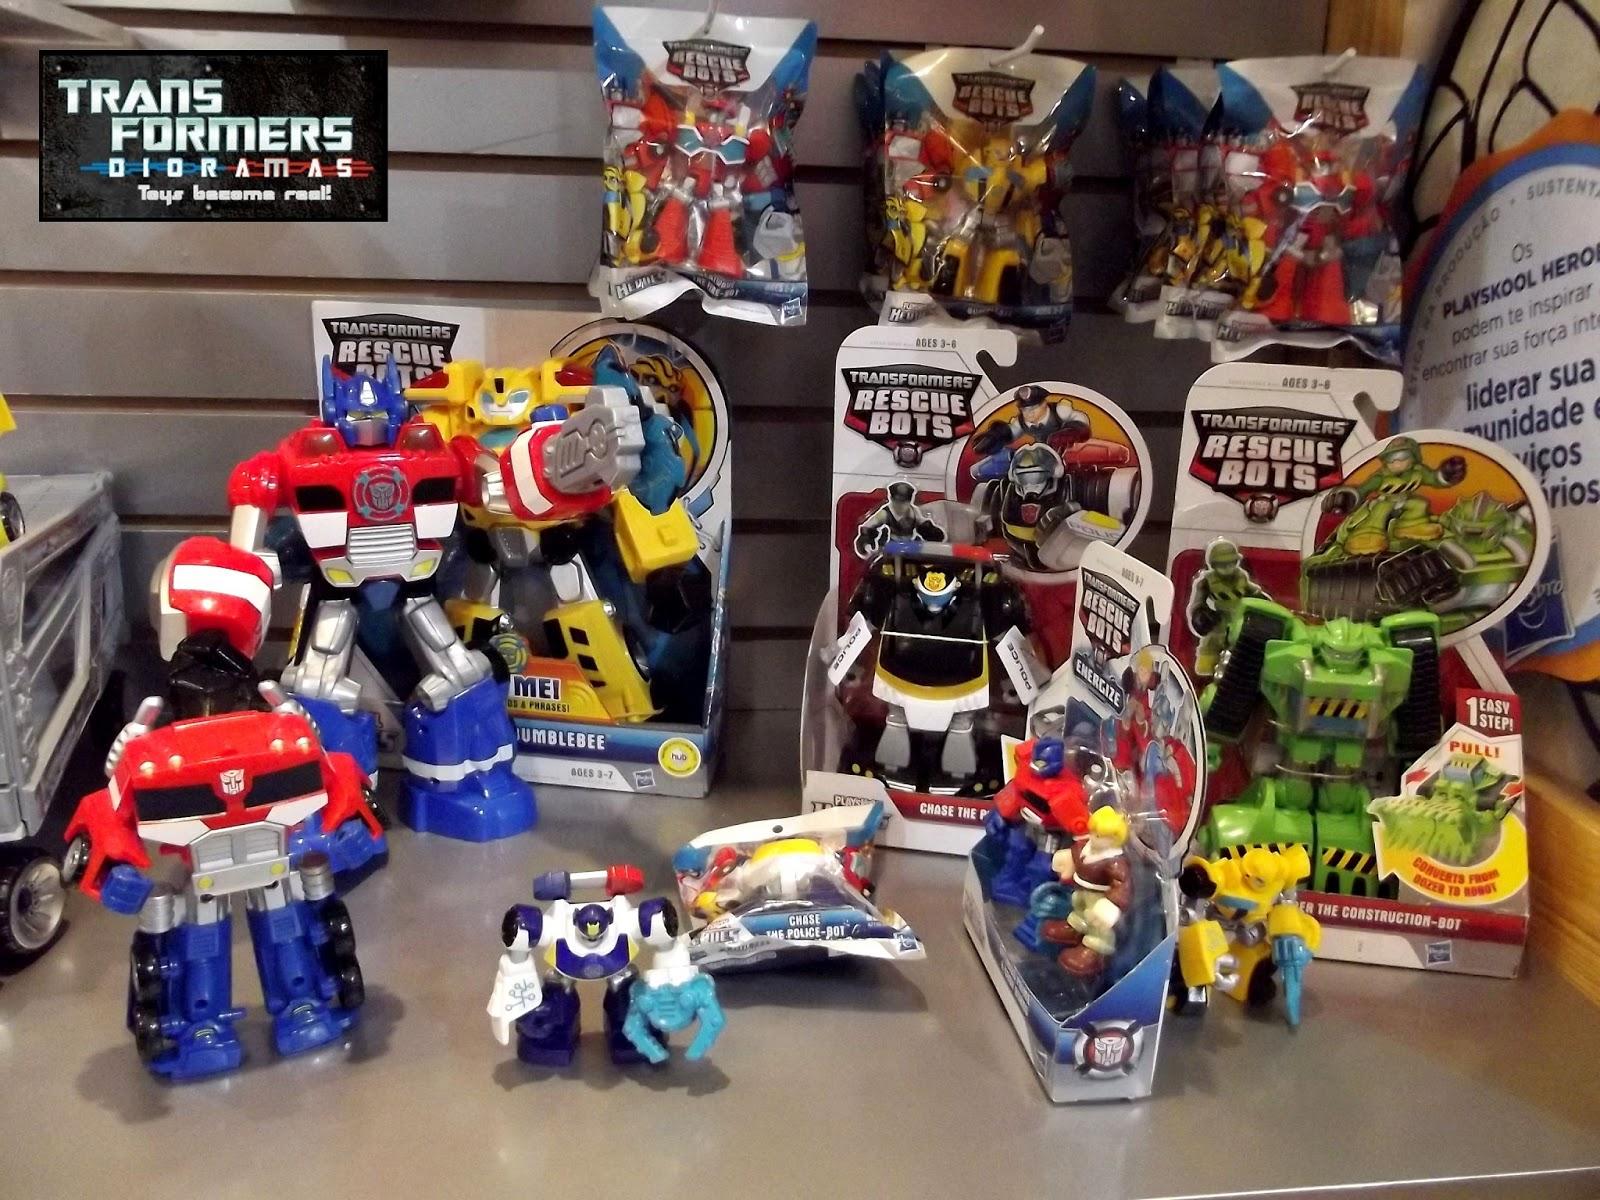 Transformers Rescue Bots e Transformers Bot Shots , alguns dos quais